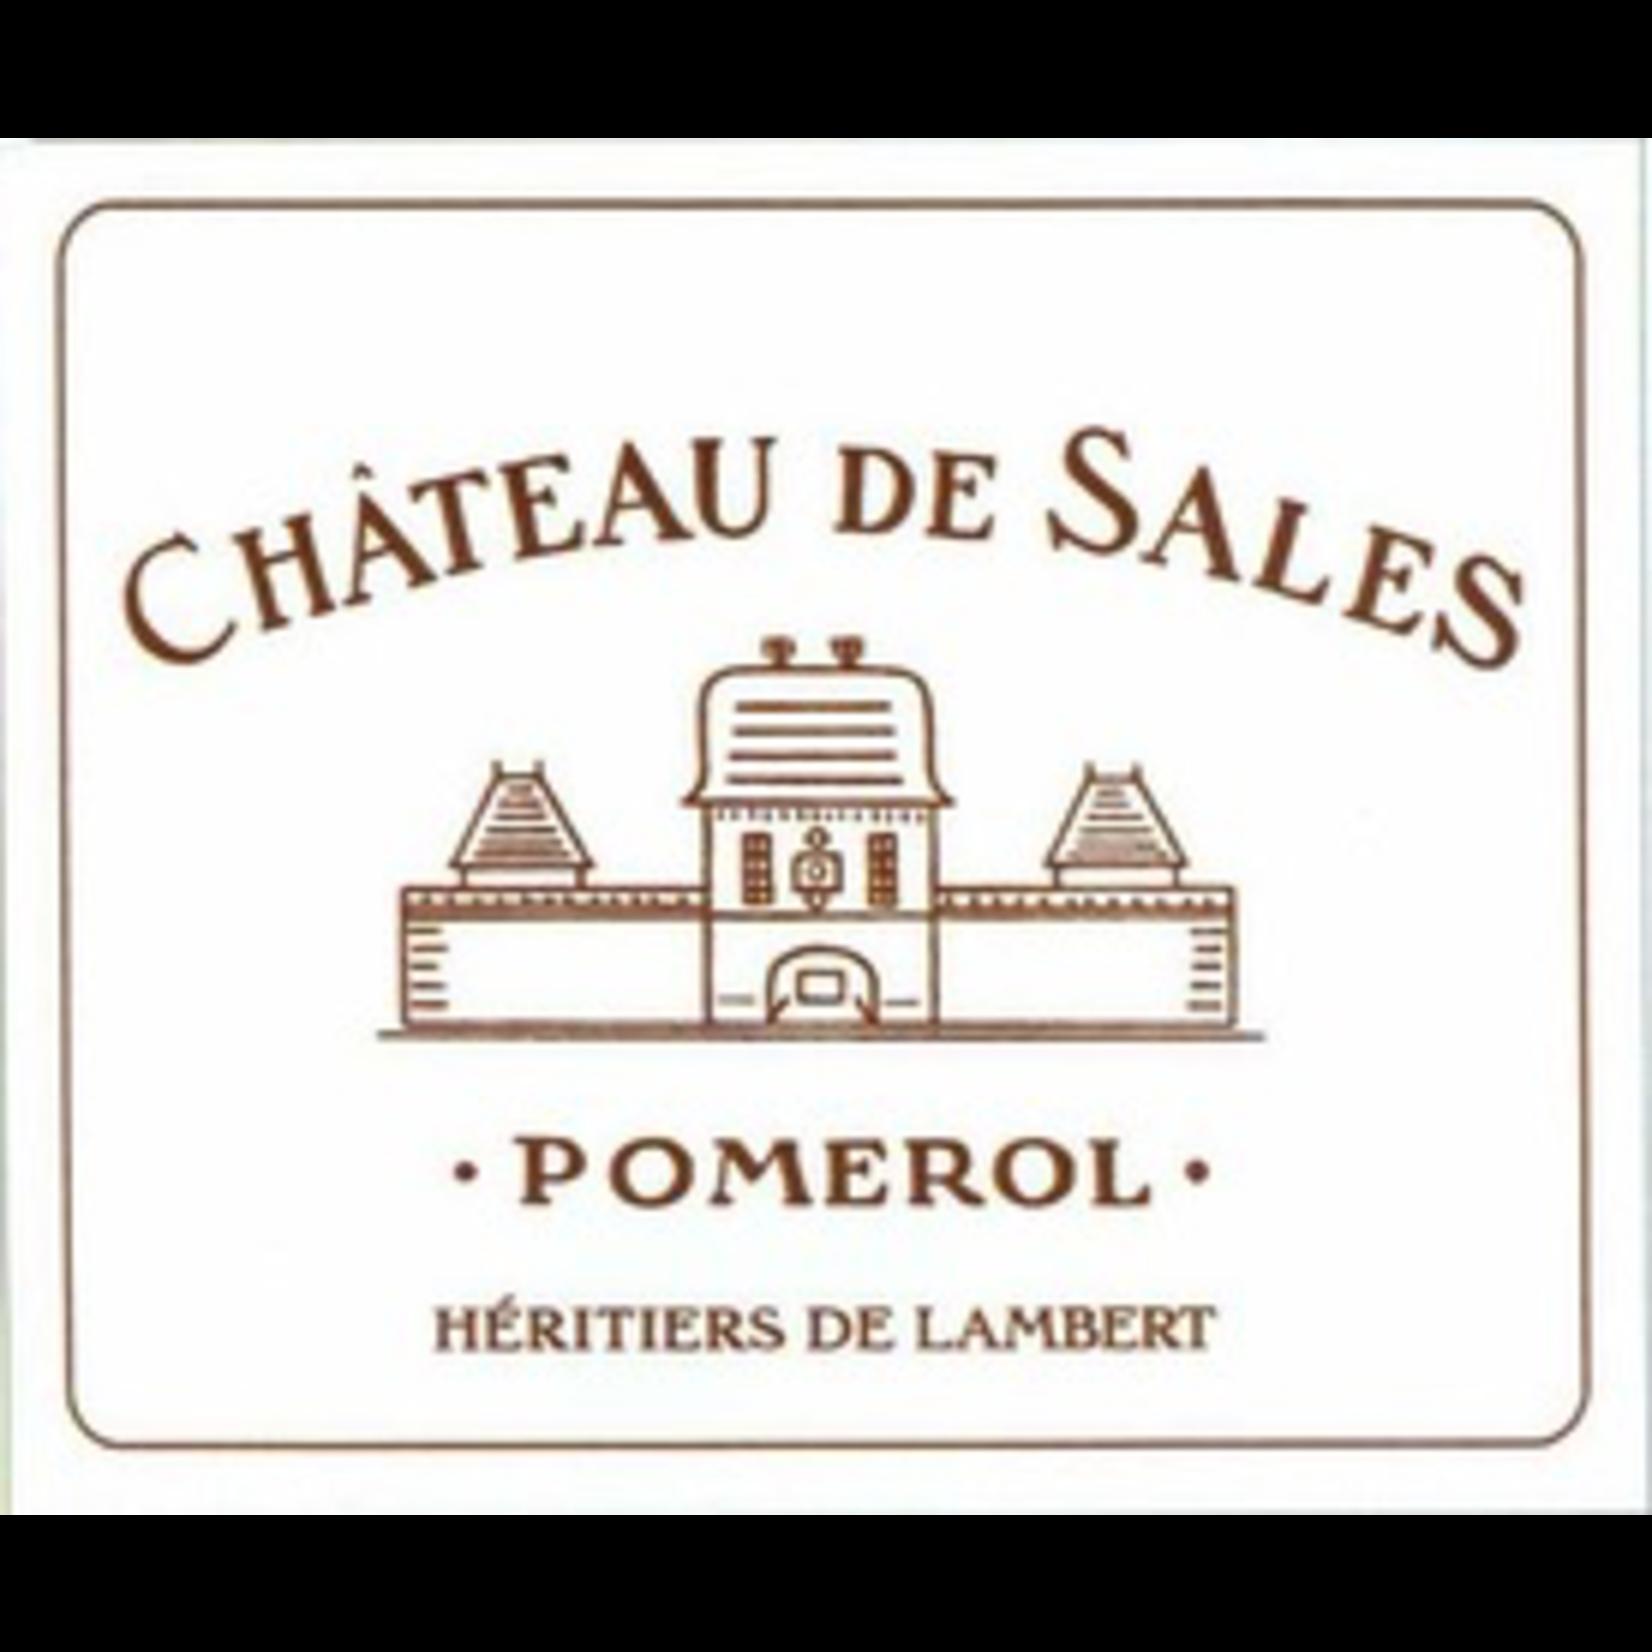 Wine Chateau de Sales Pomerol 2014 3L